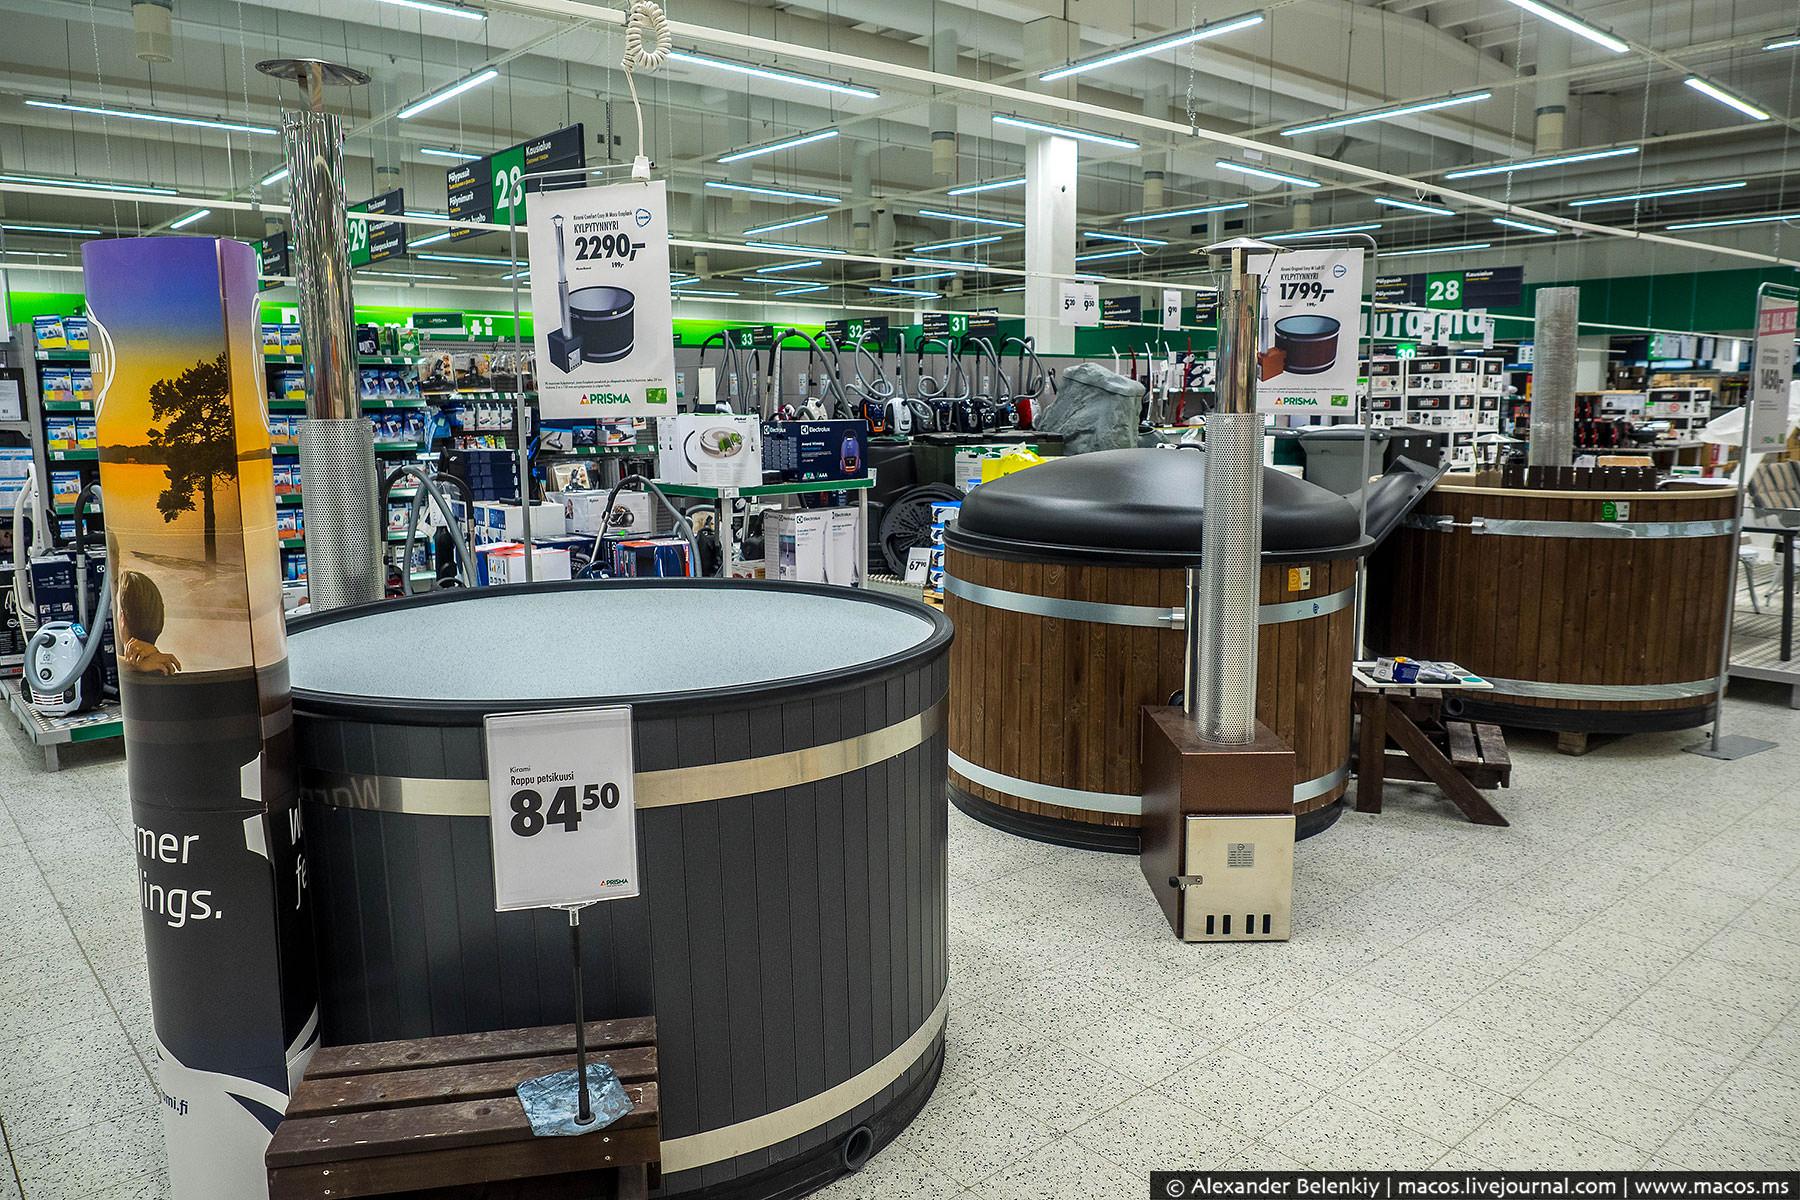 Супермаркет огромный. Просто гигантский. По размеру не меньше американского Walmart, про который в с